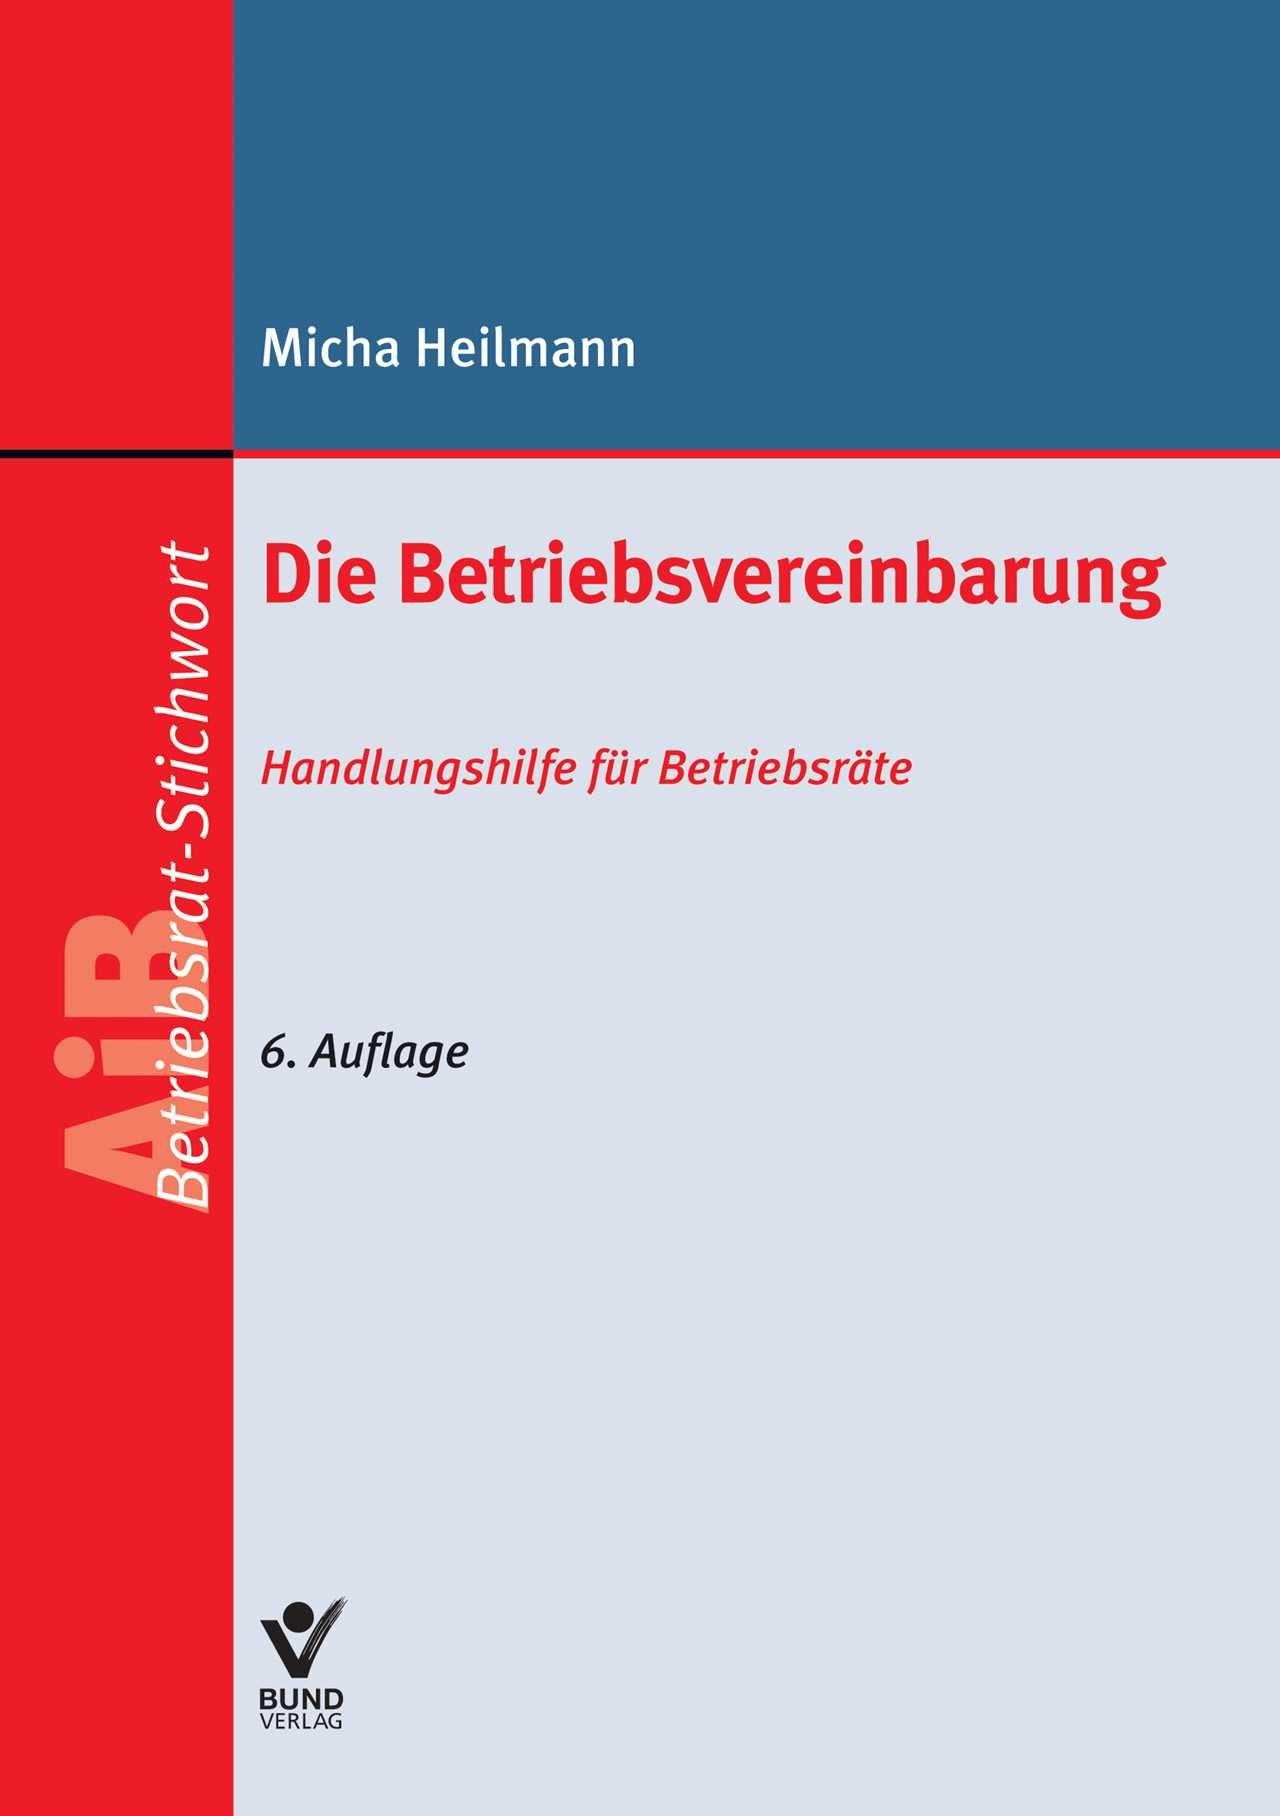 Die Betriebsvereinbarung | Heilmann | 6. Auflage, 2015 | Buch (Cover)